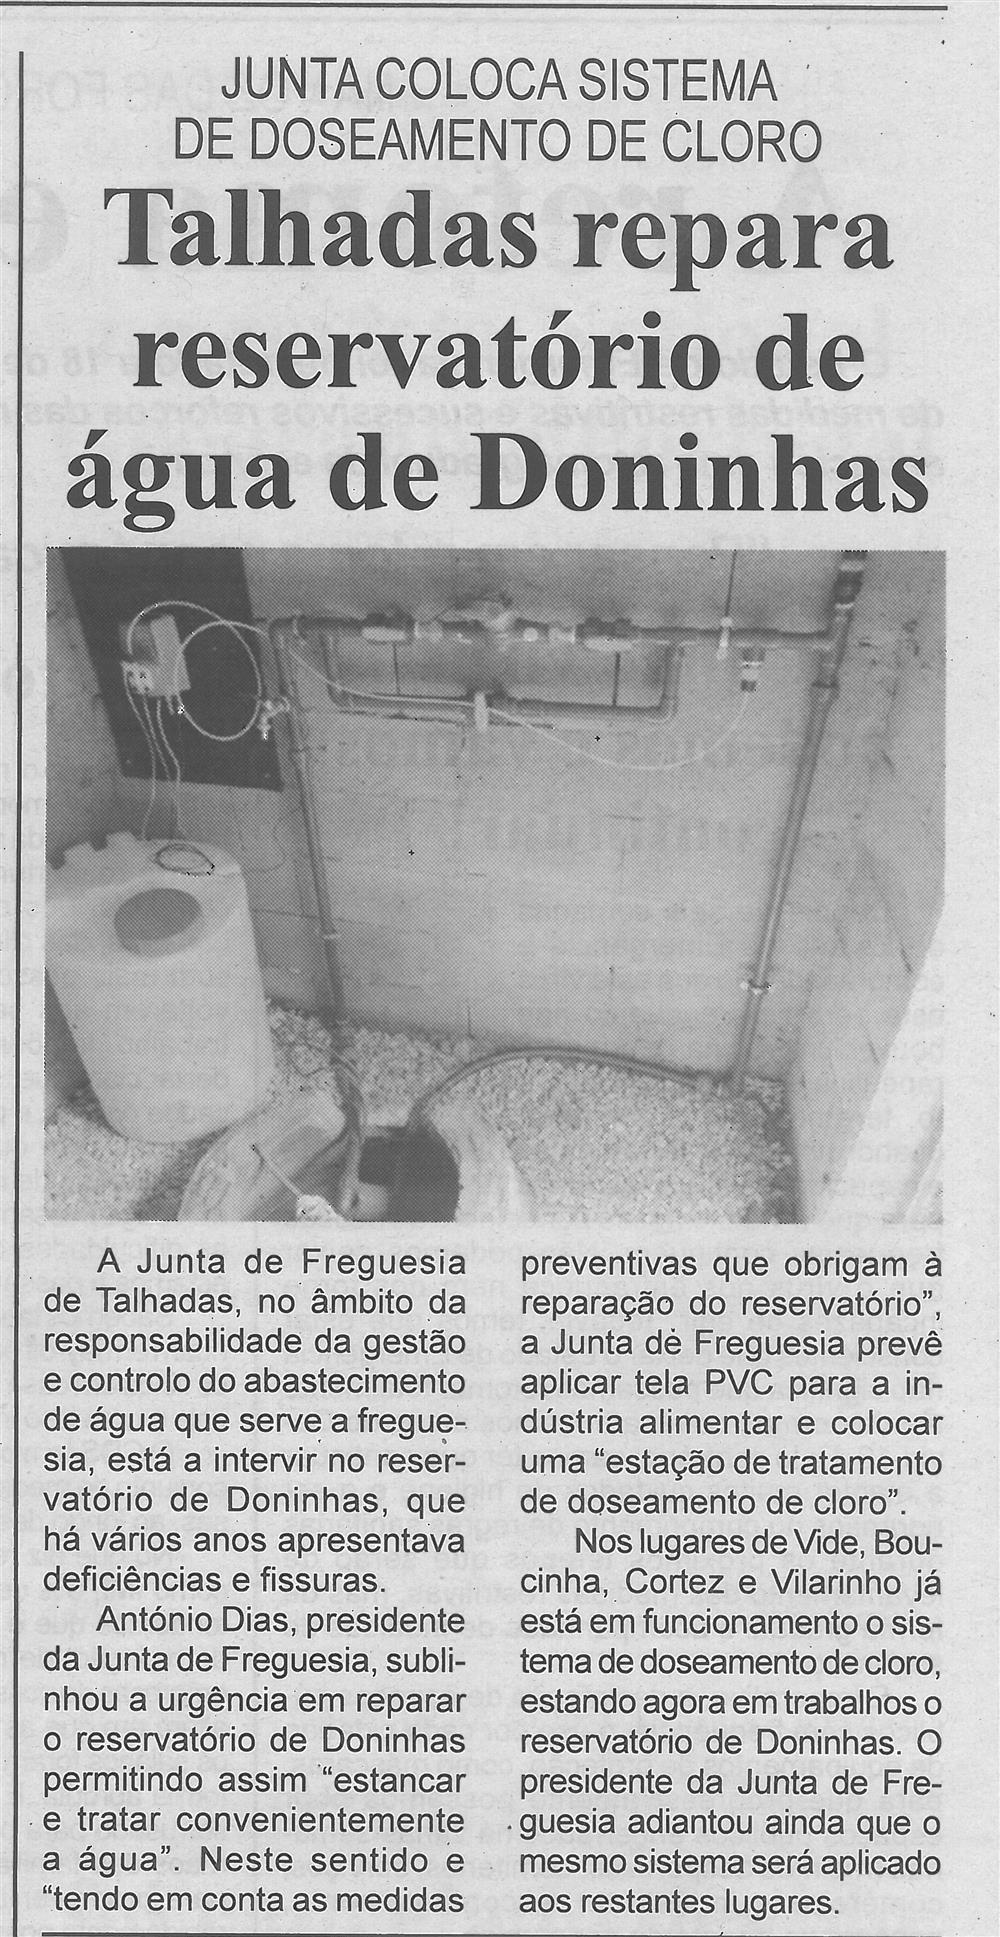 BV-1.ªmaio'20-p.4-Talhadas repara reservatório de água de Doninhas : Junta coloca sistema de doseamento de cloro.jpg